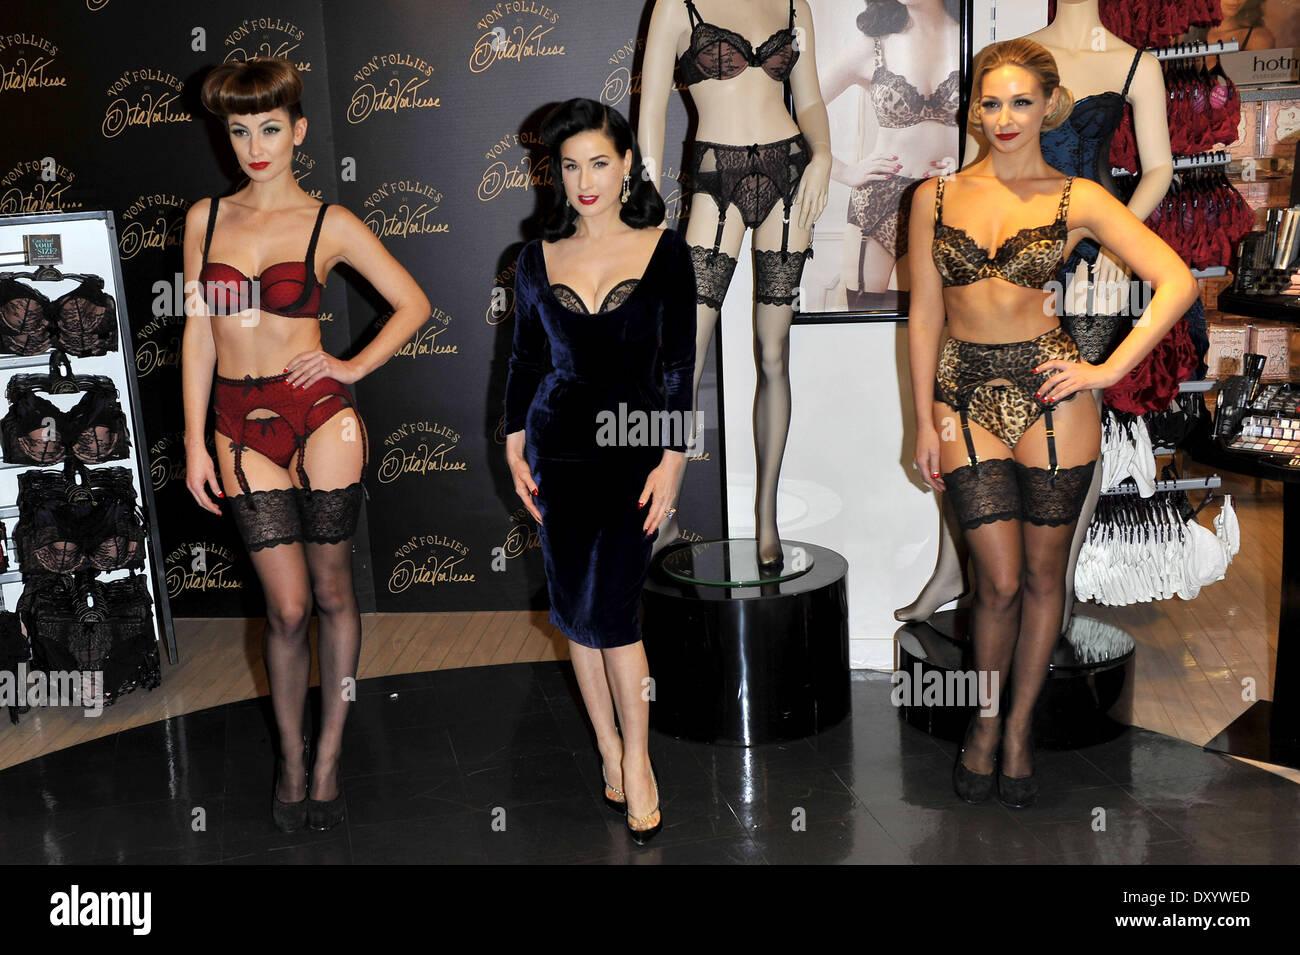 97ff471aa64a Dita Von Teese launches her Von Follies lingerie range at Debenhams  Featuring  Dita Von Teese Where  London United Kingdom When  28 Nov 2012